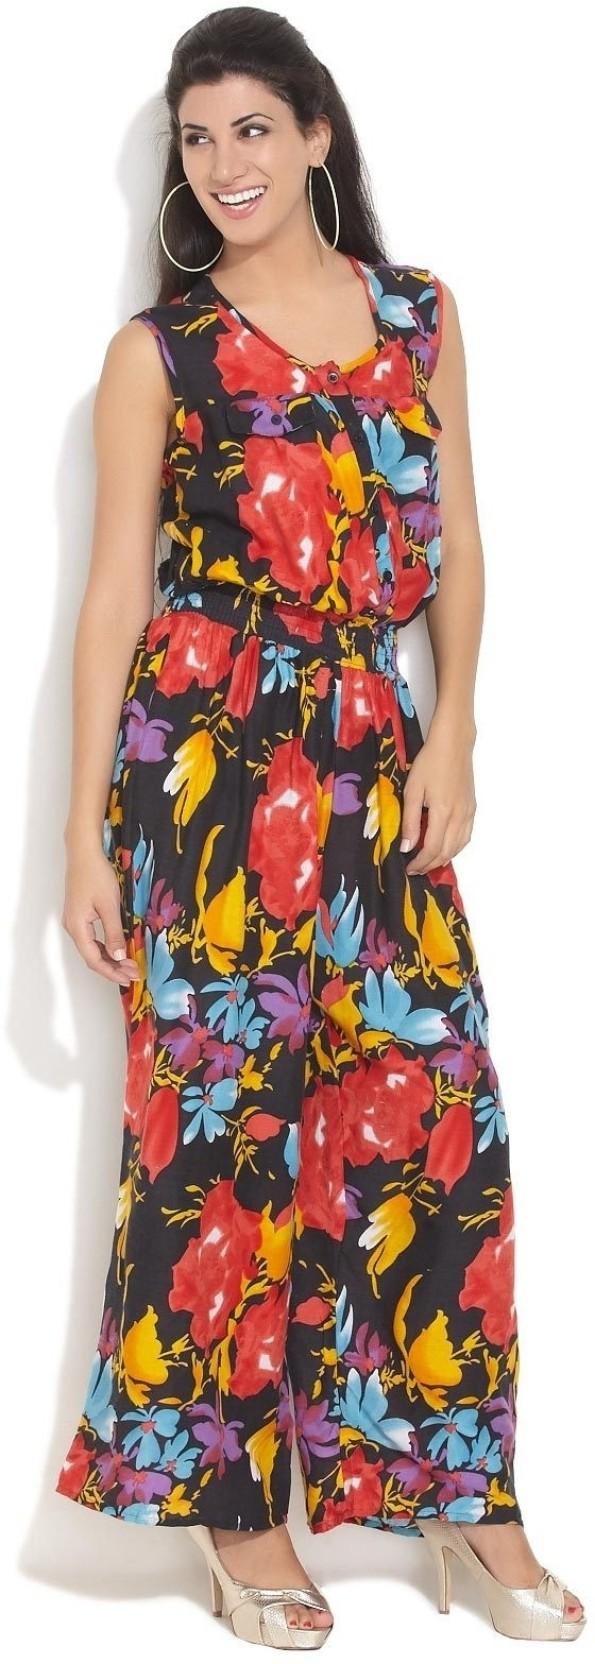 bb0411a9e3 Hot Berries Floral Print Women s Jumpsuit - Buy Multi Colour Hot ...